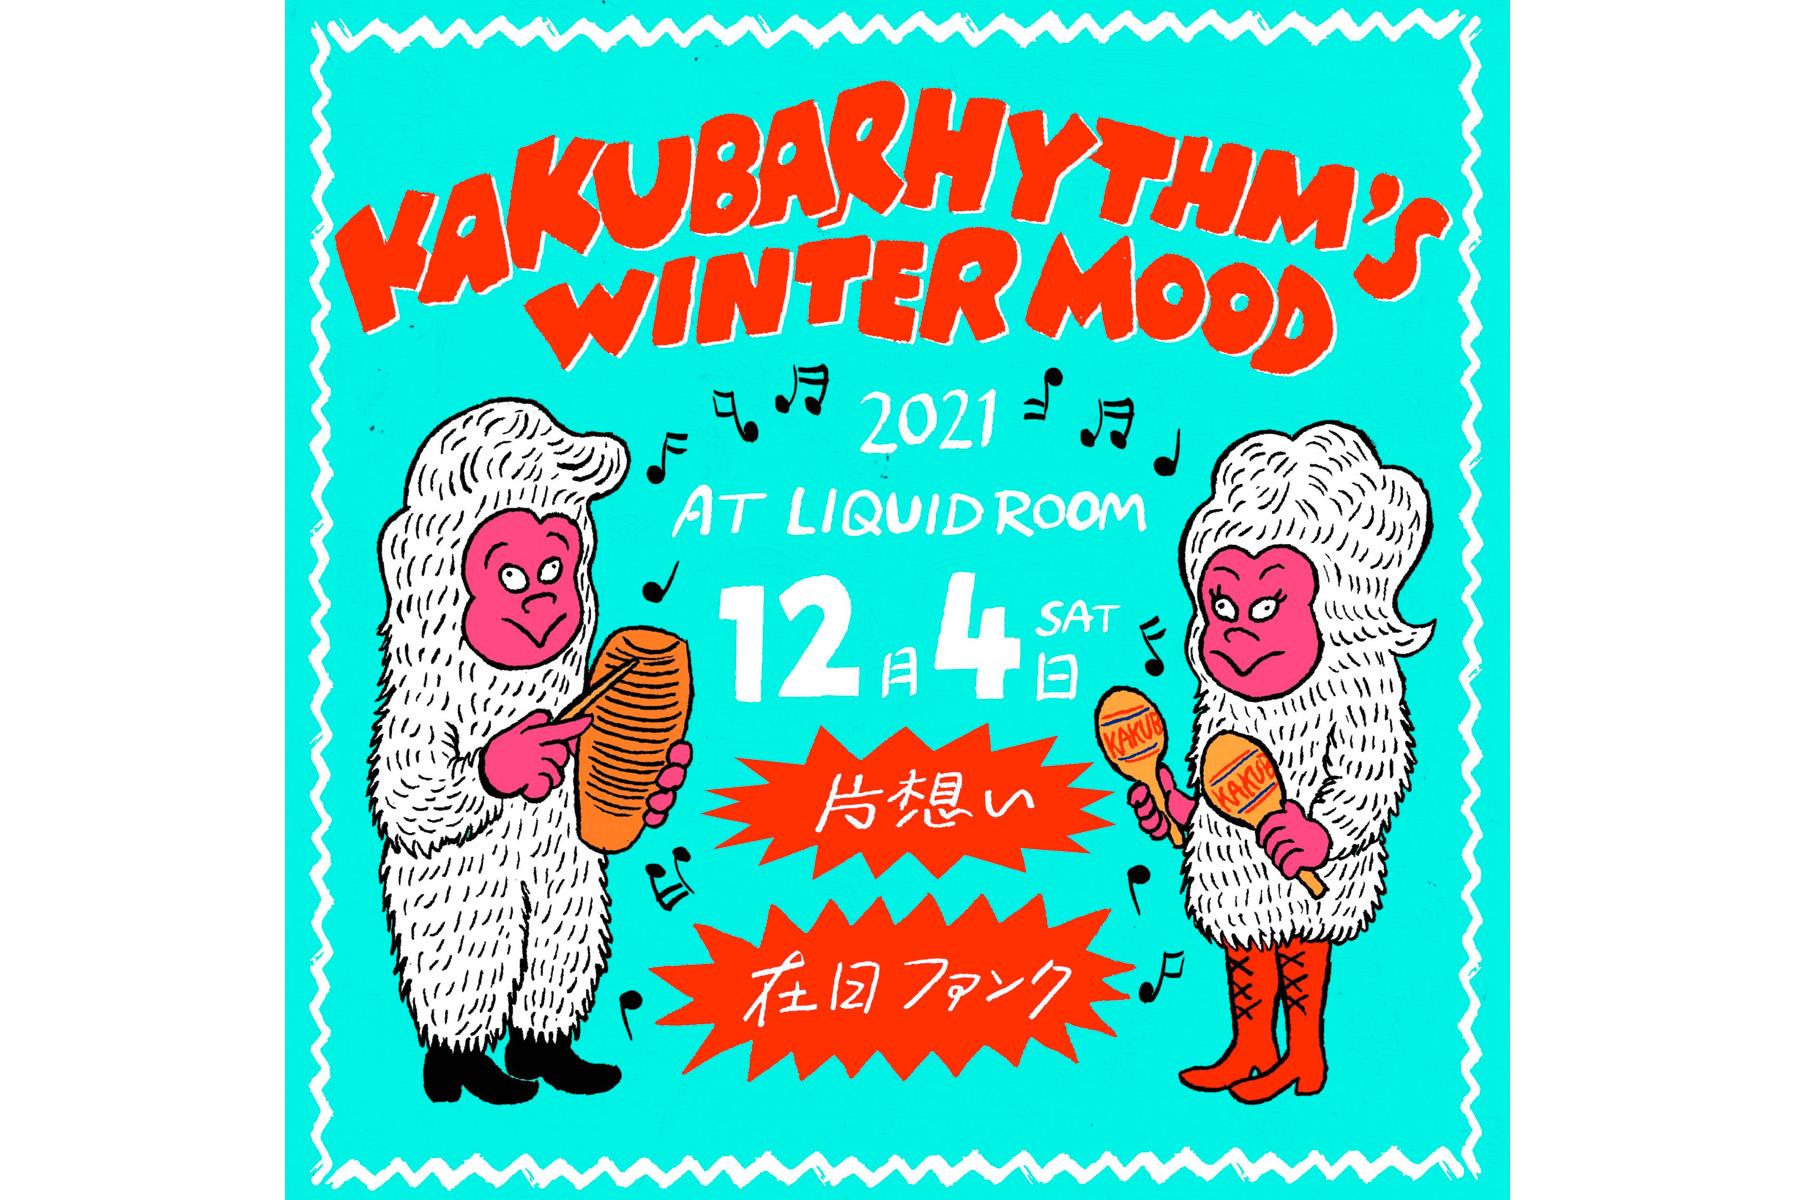 12.4 Sat. カクバリズム 冬祭り ~WINTER MOOD 2021 在日ファンクと片想い~